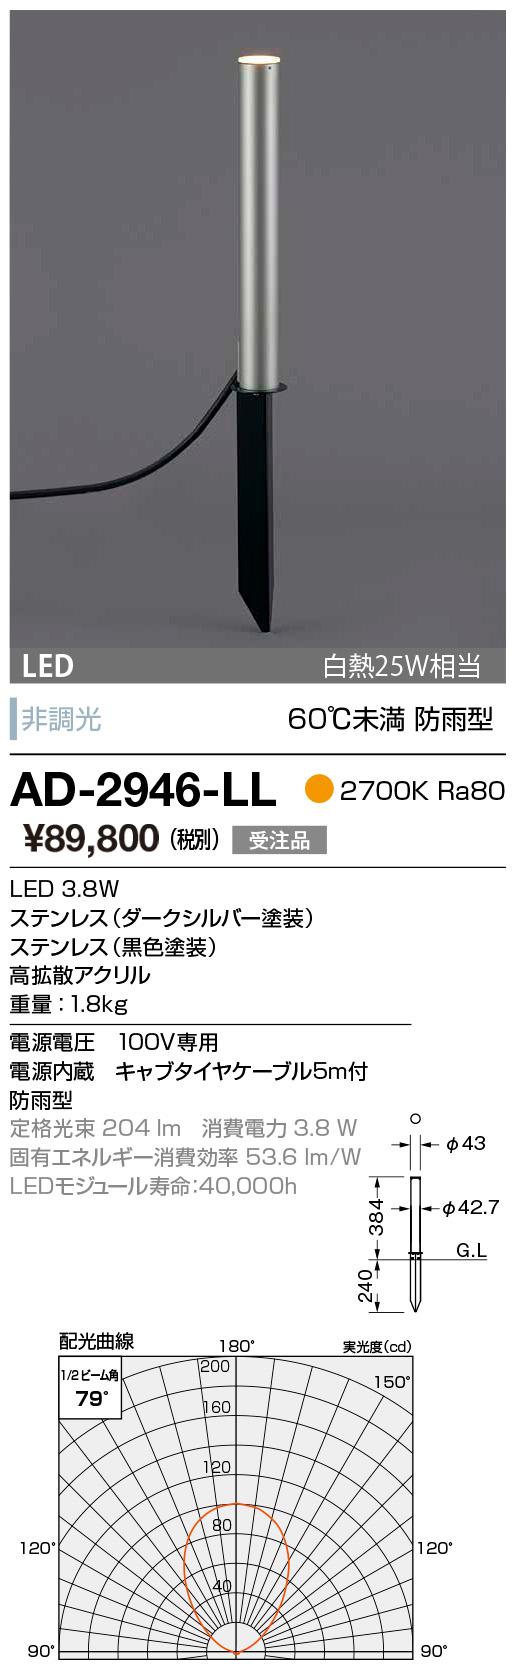 AD-2946-LL 山田照明 照明器具 エクステリア LED一体型スーパースリムガーデンライト アッパー配光 電球色 白熱25W相当 非調光 60℃未満 防雨型 AD-2946-LL